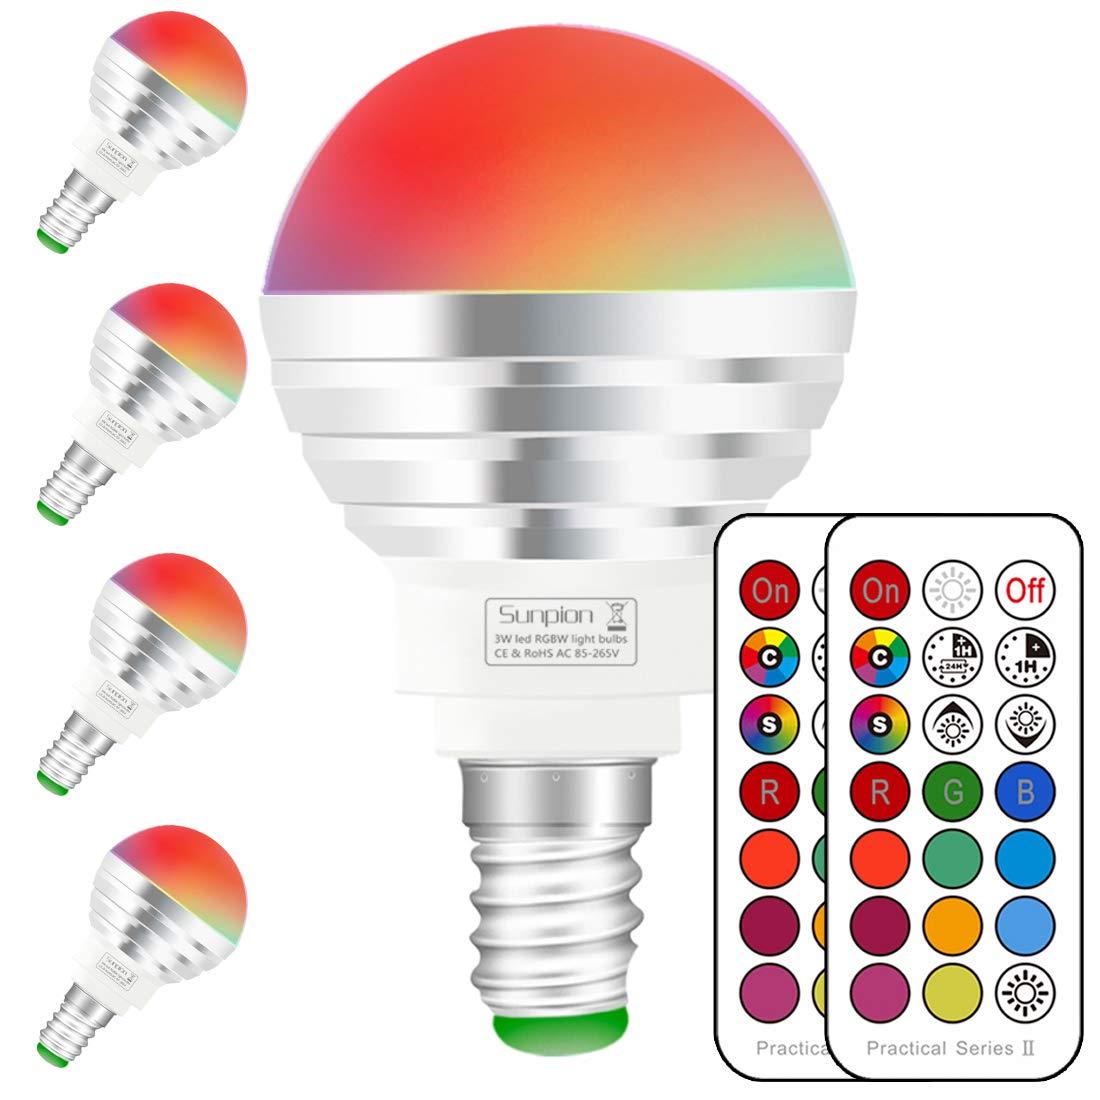 Bombilla Colores E14, Bombilla RGBW con mando a distancia,3W Equivalente a 30W Haló gena, blanco diurno 6000K, casquillo E14,bombilla colores regulable,RGB 12 Color,Paquete de 4 Unidades 3W Equivalente a 30W Halógena Sunpion